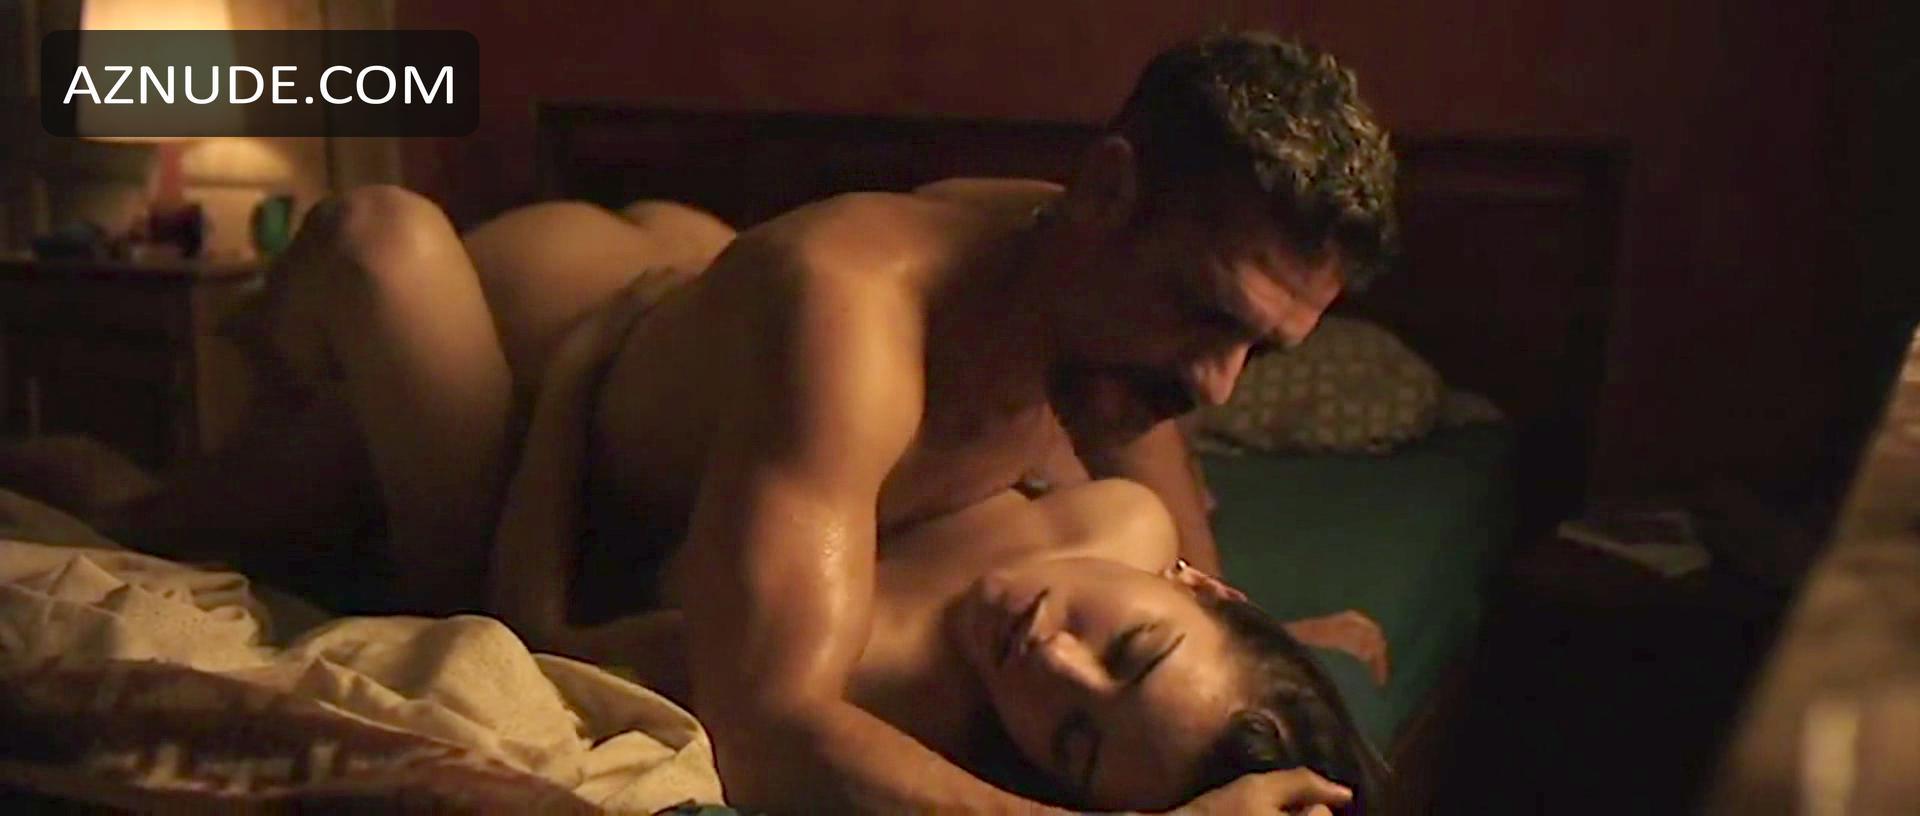 Leonardo Sbaraglia Nude - Aznude Men-5339